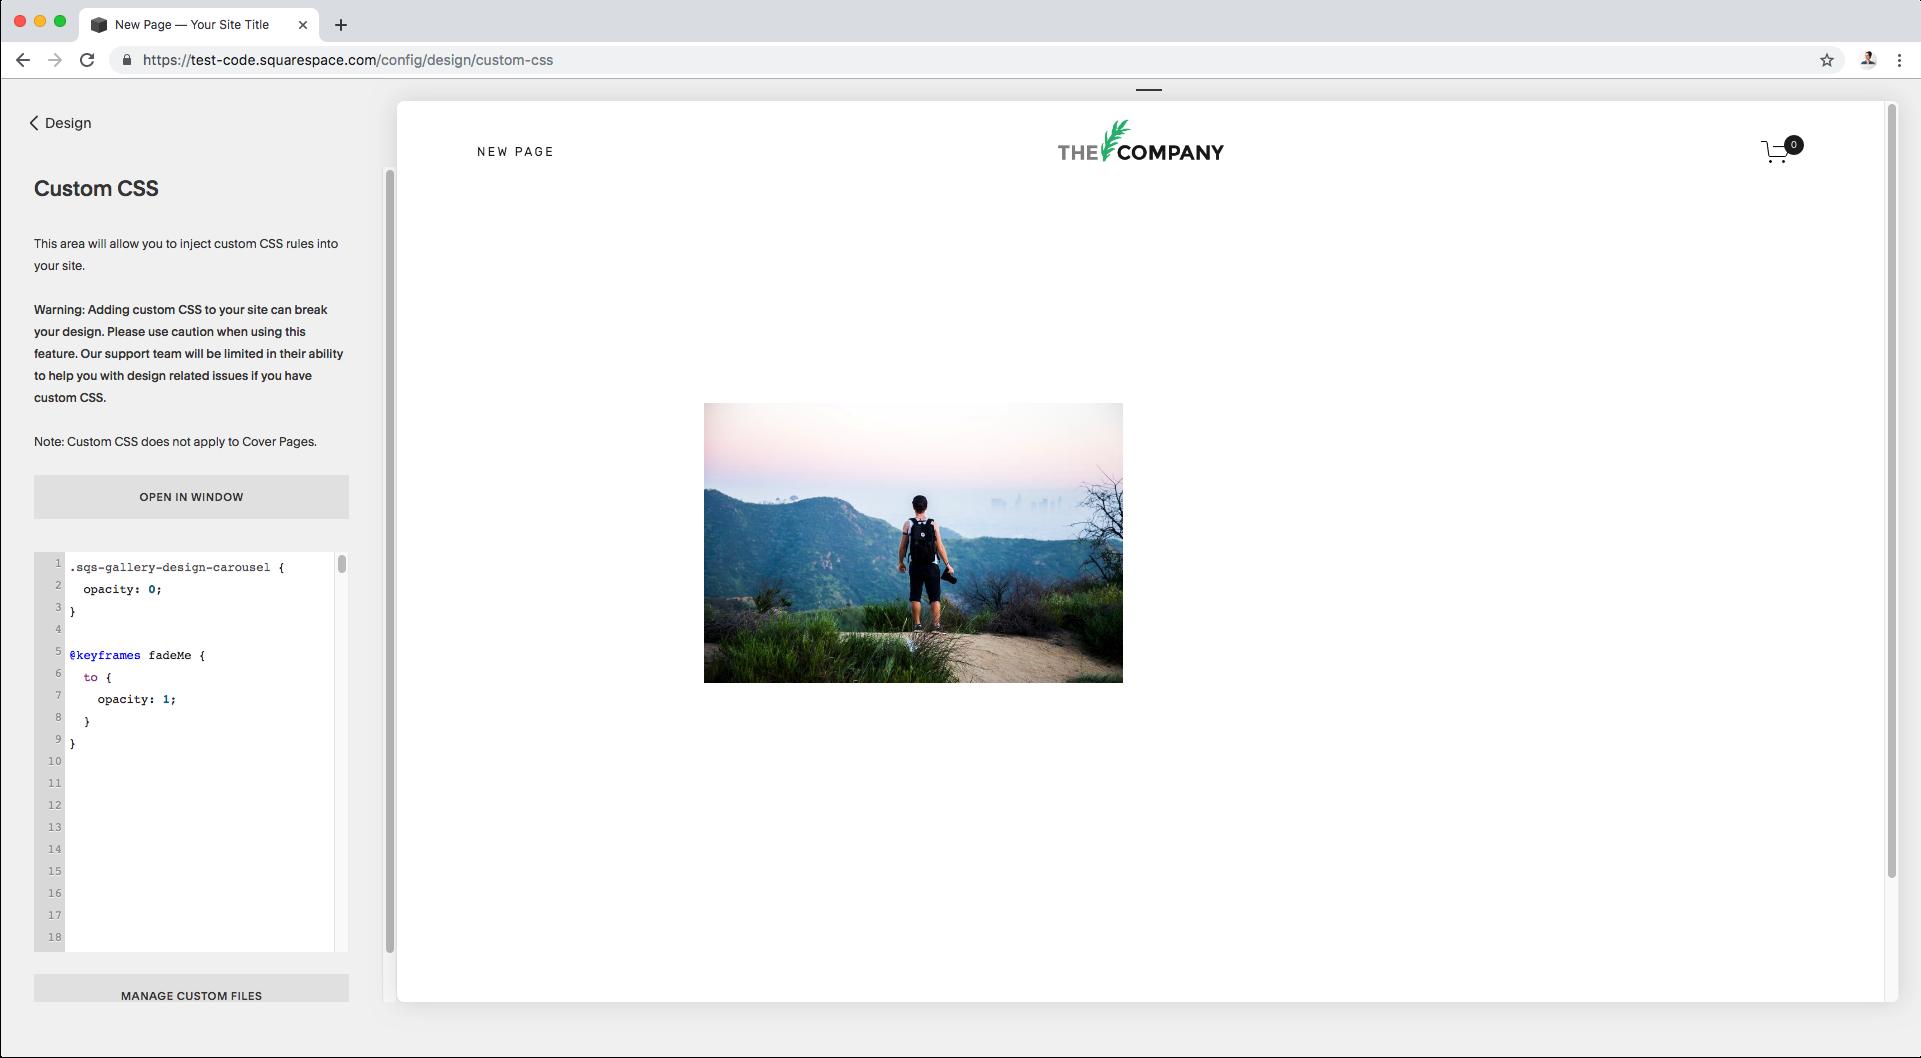 Screen Shot 2019-05-09 at 3.00.07 PM.png